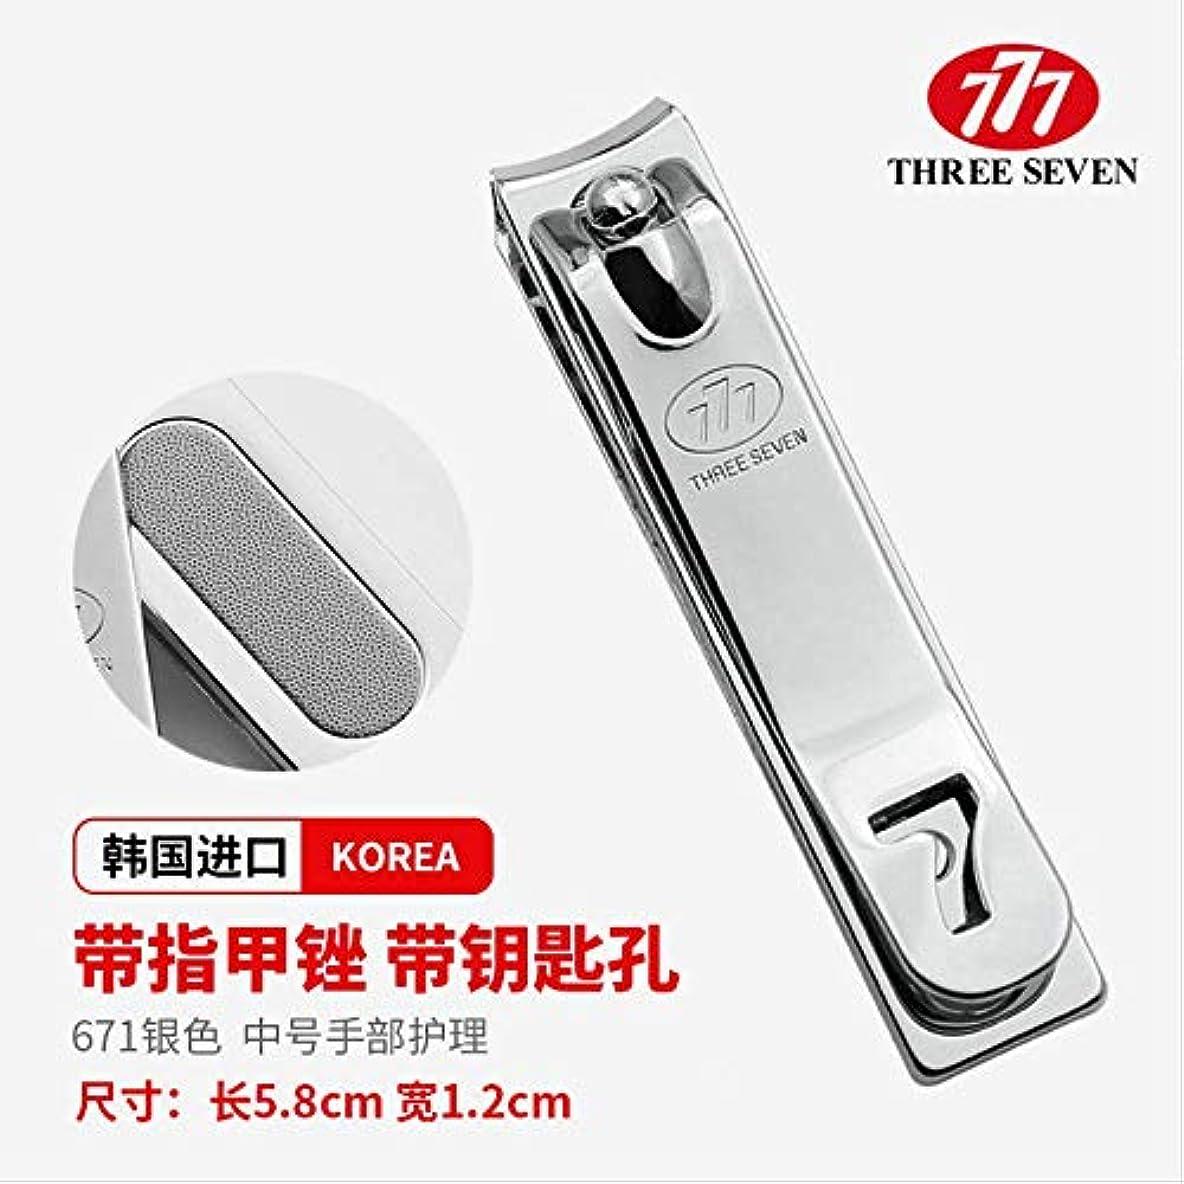 小さな恥ずかしさリファイン韓国777爪切りはさみ元平口斜め爪切り小さな爪切り大本物 N-671G